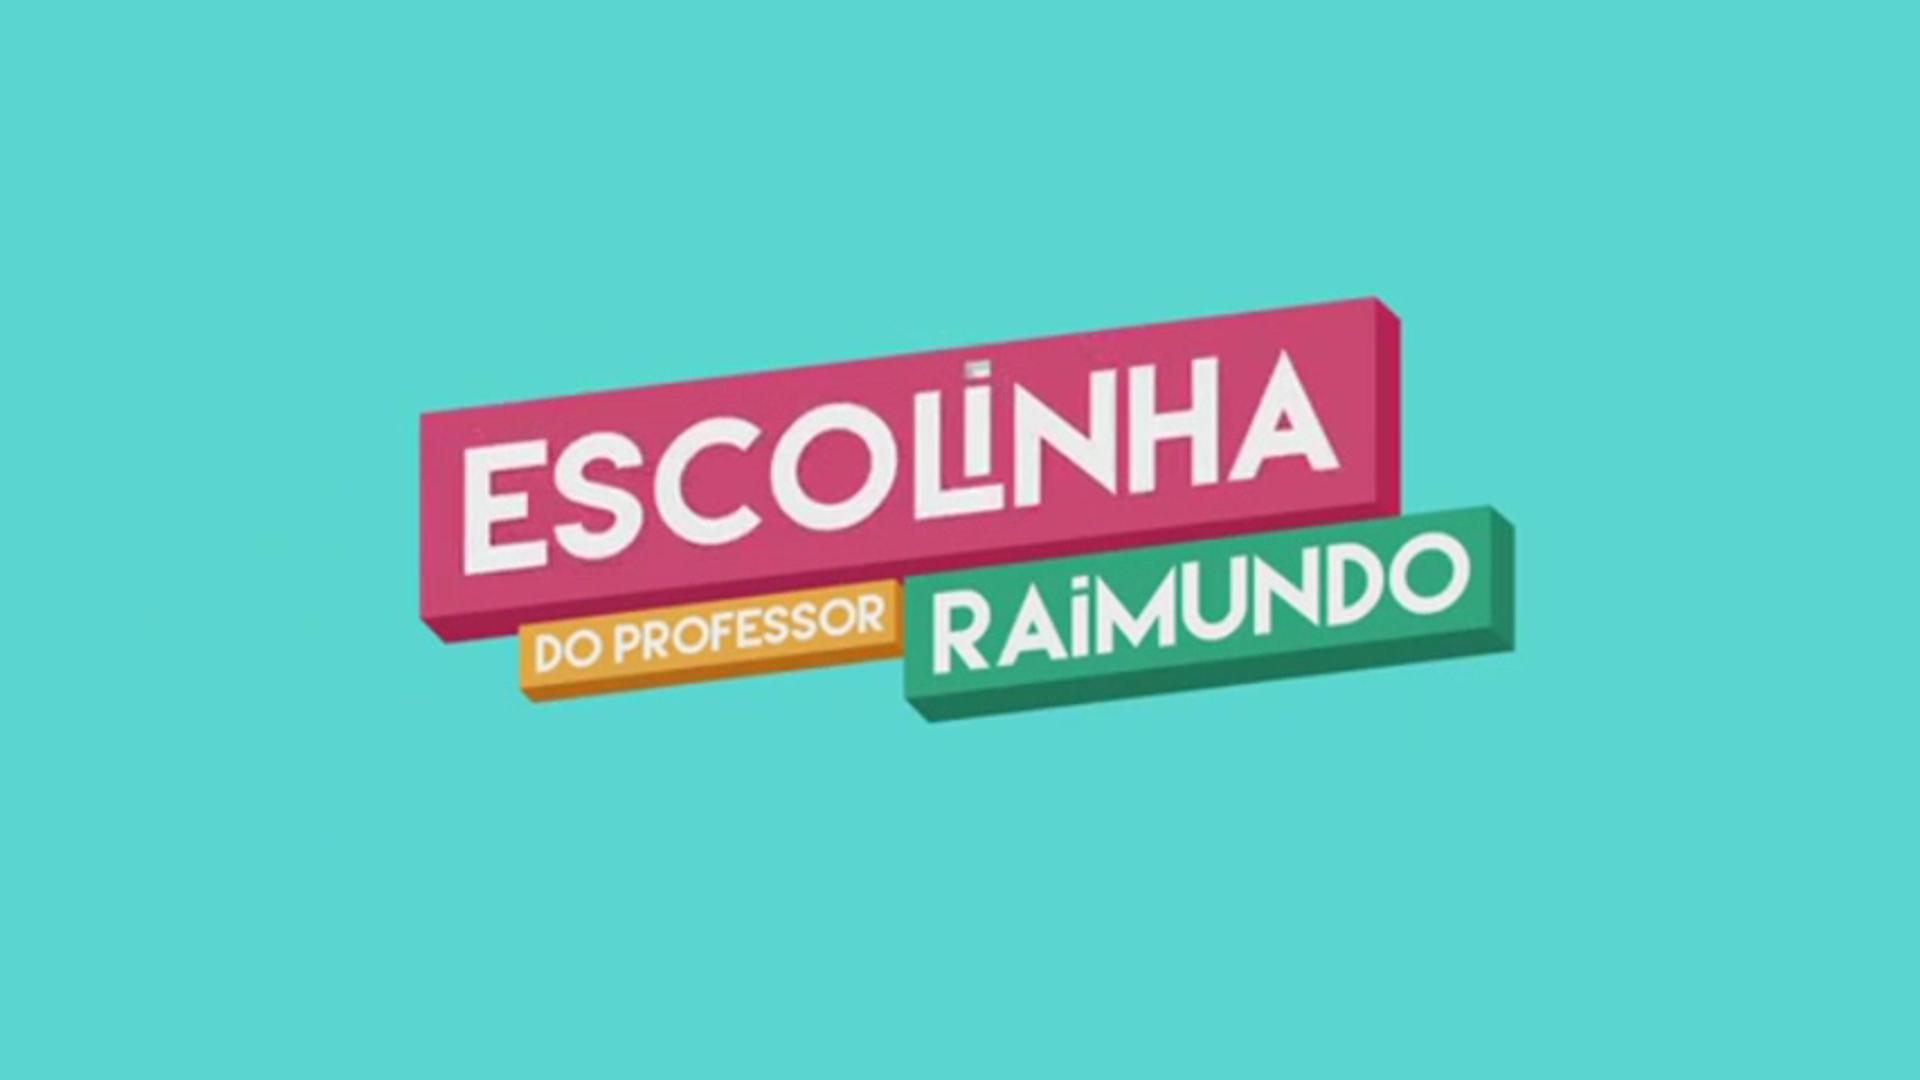 Escolinha do Professor Raimundo (2015)